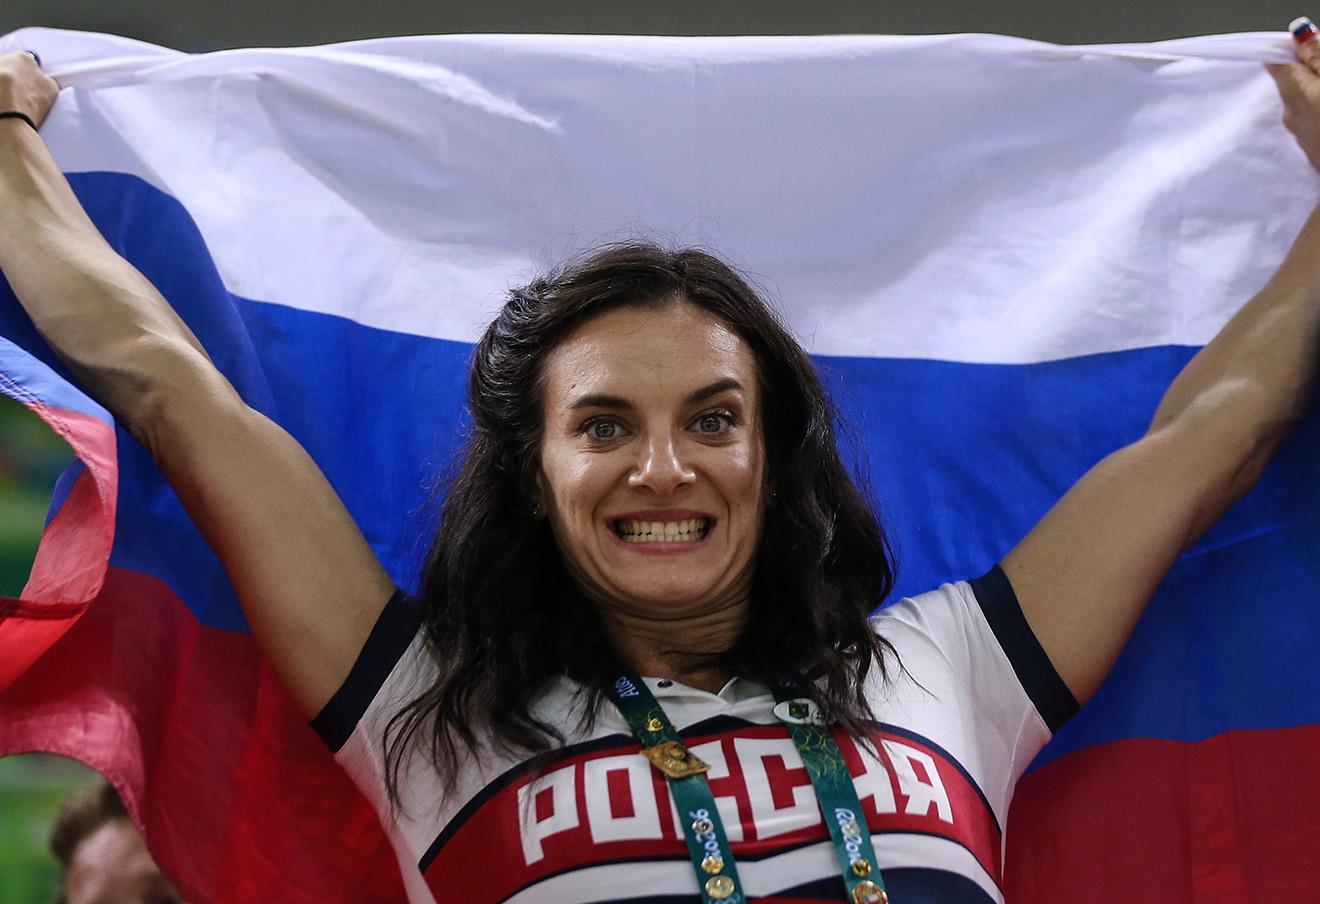 Елена Исинбаева на финальном матче по гандболу среди женщин между сборными командами Франции и России на XXXI летних Олимпийских играх. Фото: Валерий Шарифулин / ТАСС